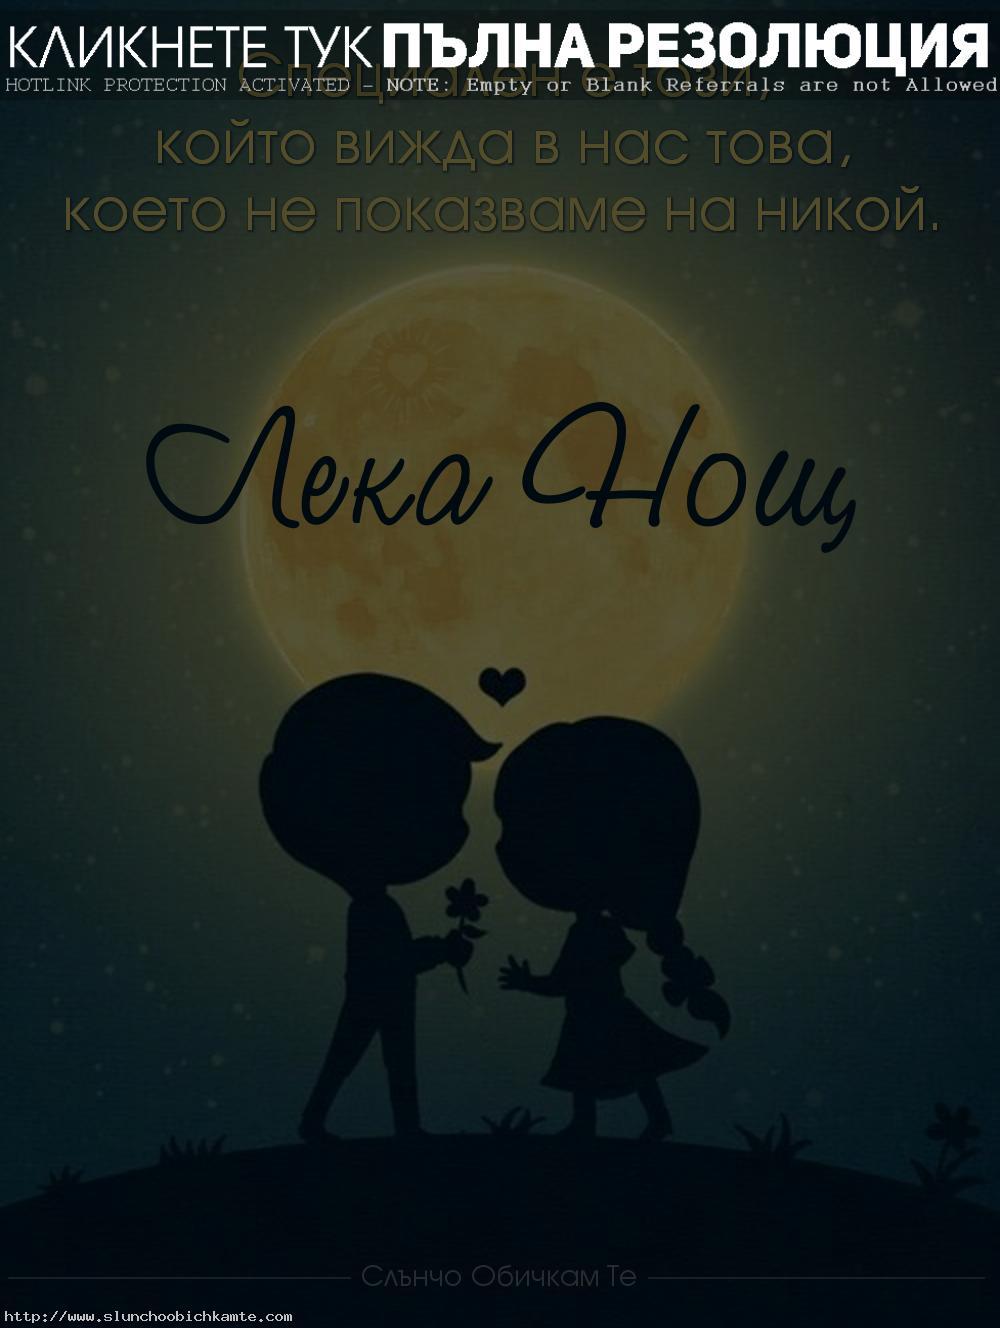 Специален е този, който вижда в нас това, което не показваме на никой. Лека Нощ, специална лека нощ, специален човек, лека нощ любов, лека нощ мило, лека спокойна нощ, сладки сънища, лека нощ луна, лека нощ звезди, лека нощ приятели, пожелания за лека нощ, лека нощ обичам те, сърце, двойка, влюбени, любов, сънища, сънувам